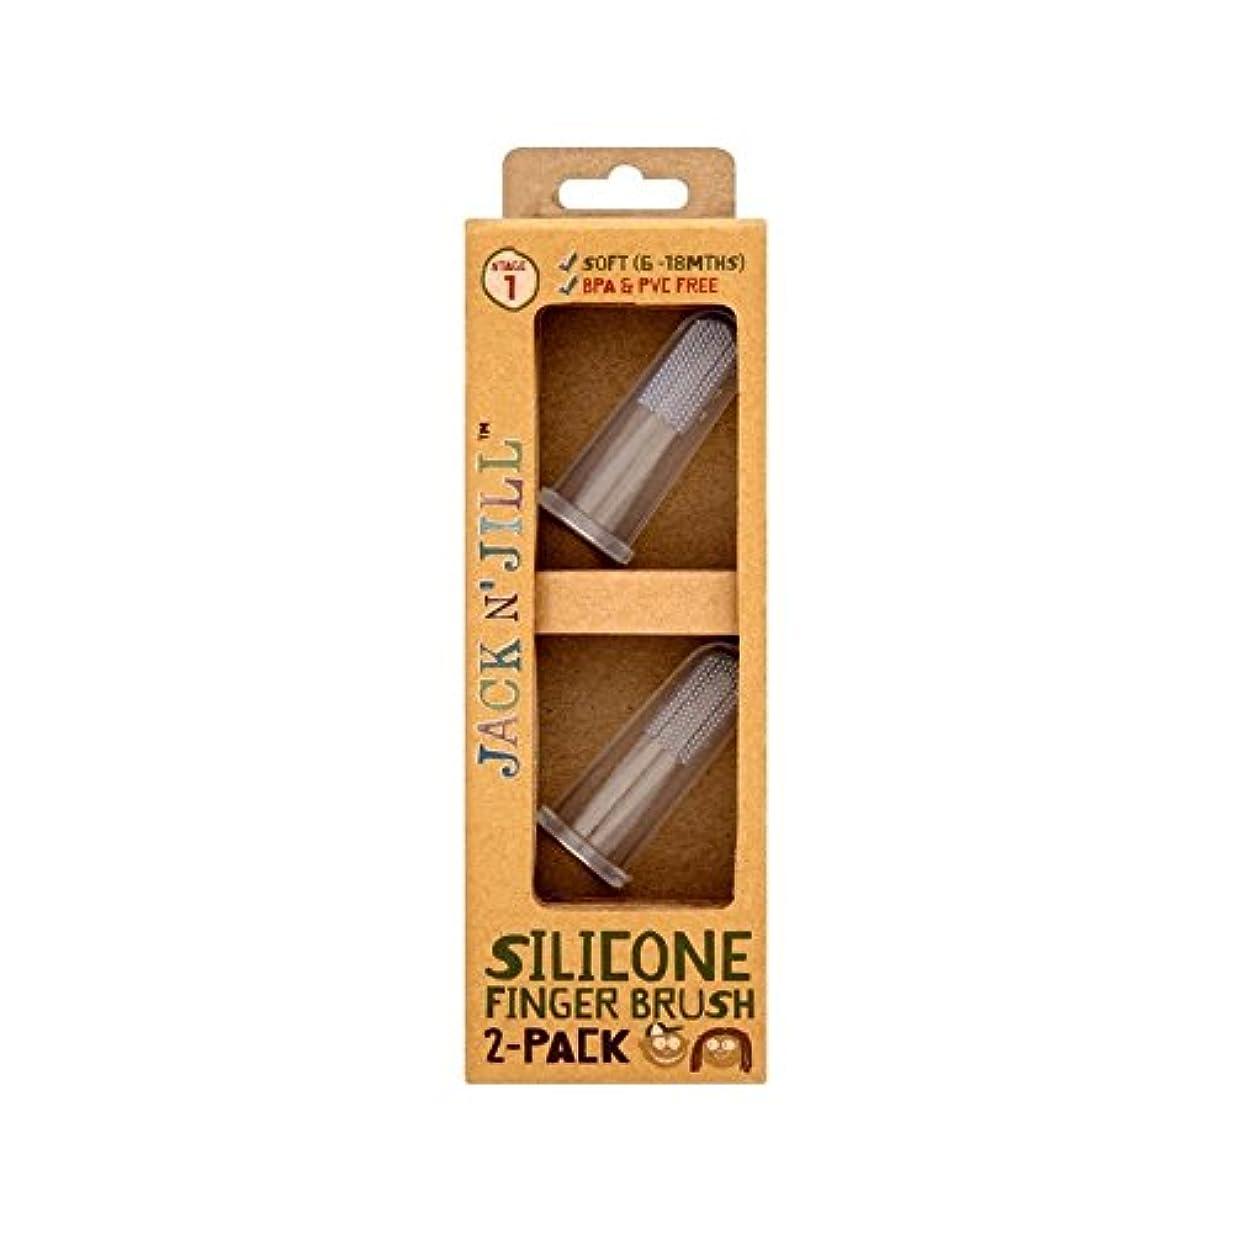 涙が出る輝度たらいシリコーン指ブラシ2パックあたりパック2 (Jack N Jill) (x 4) - Jack N' Jill Silicone Finger Brush 2 Pack 2 per pack (Pack of 4) [並行輸入品]